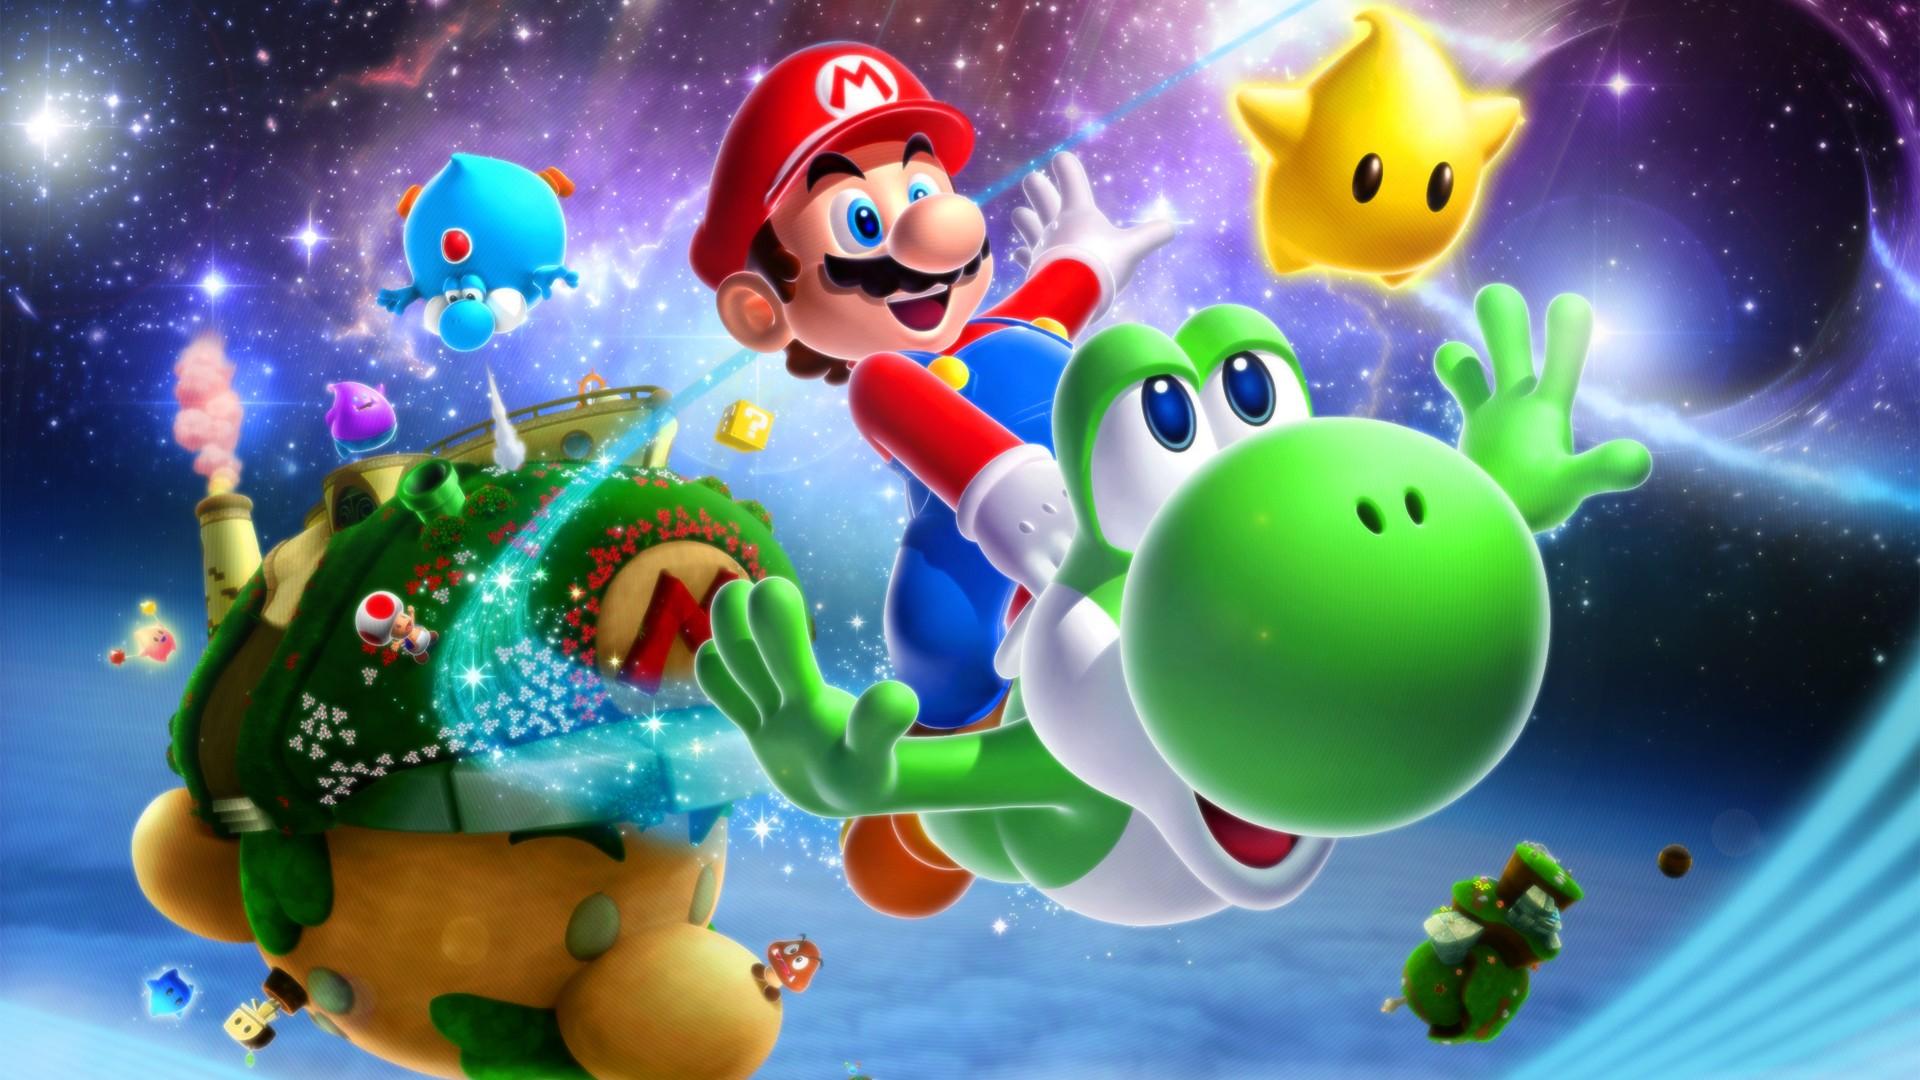 Super Mario Galaxy Wallpapers: 18 Super Mario Galaxy 2 HD Wallpapers